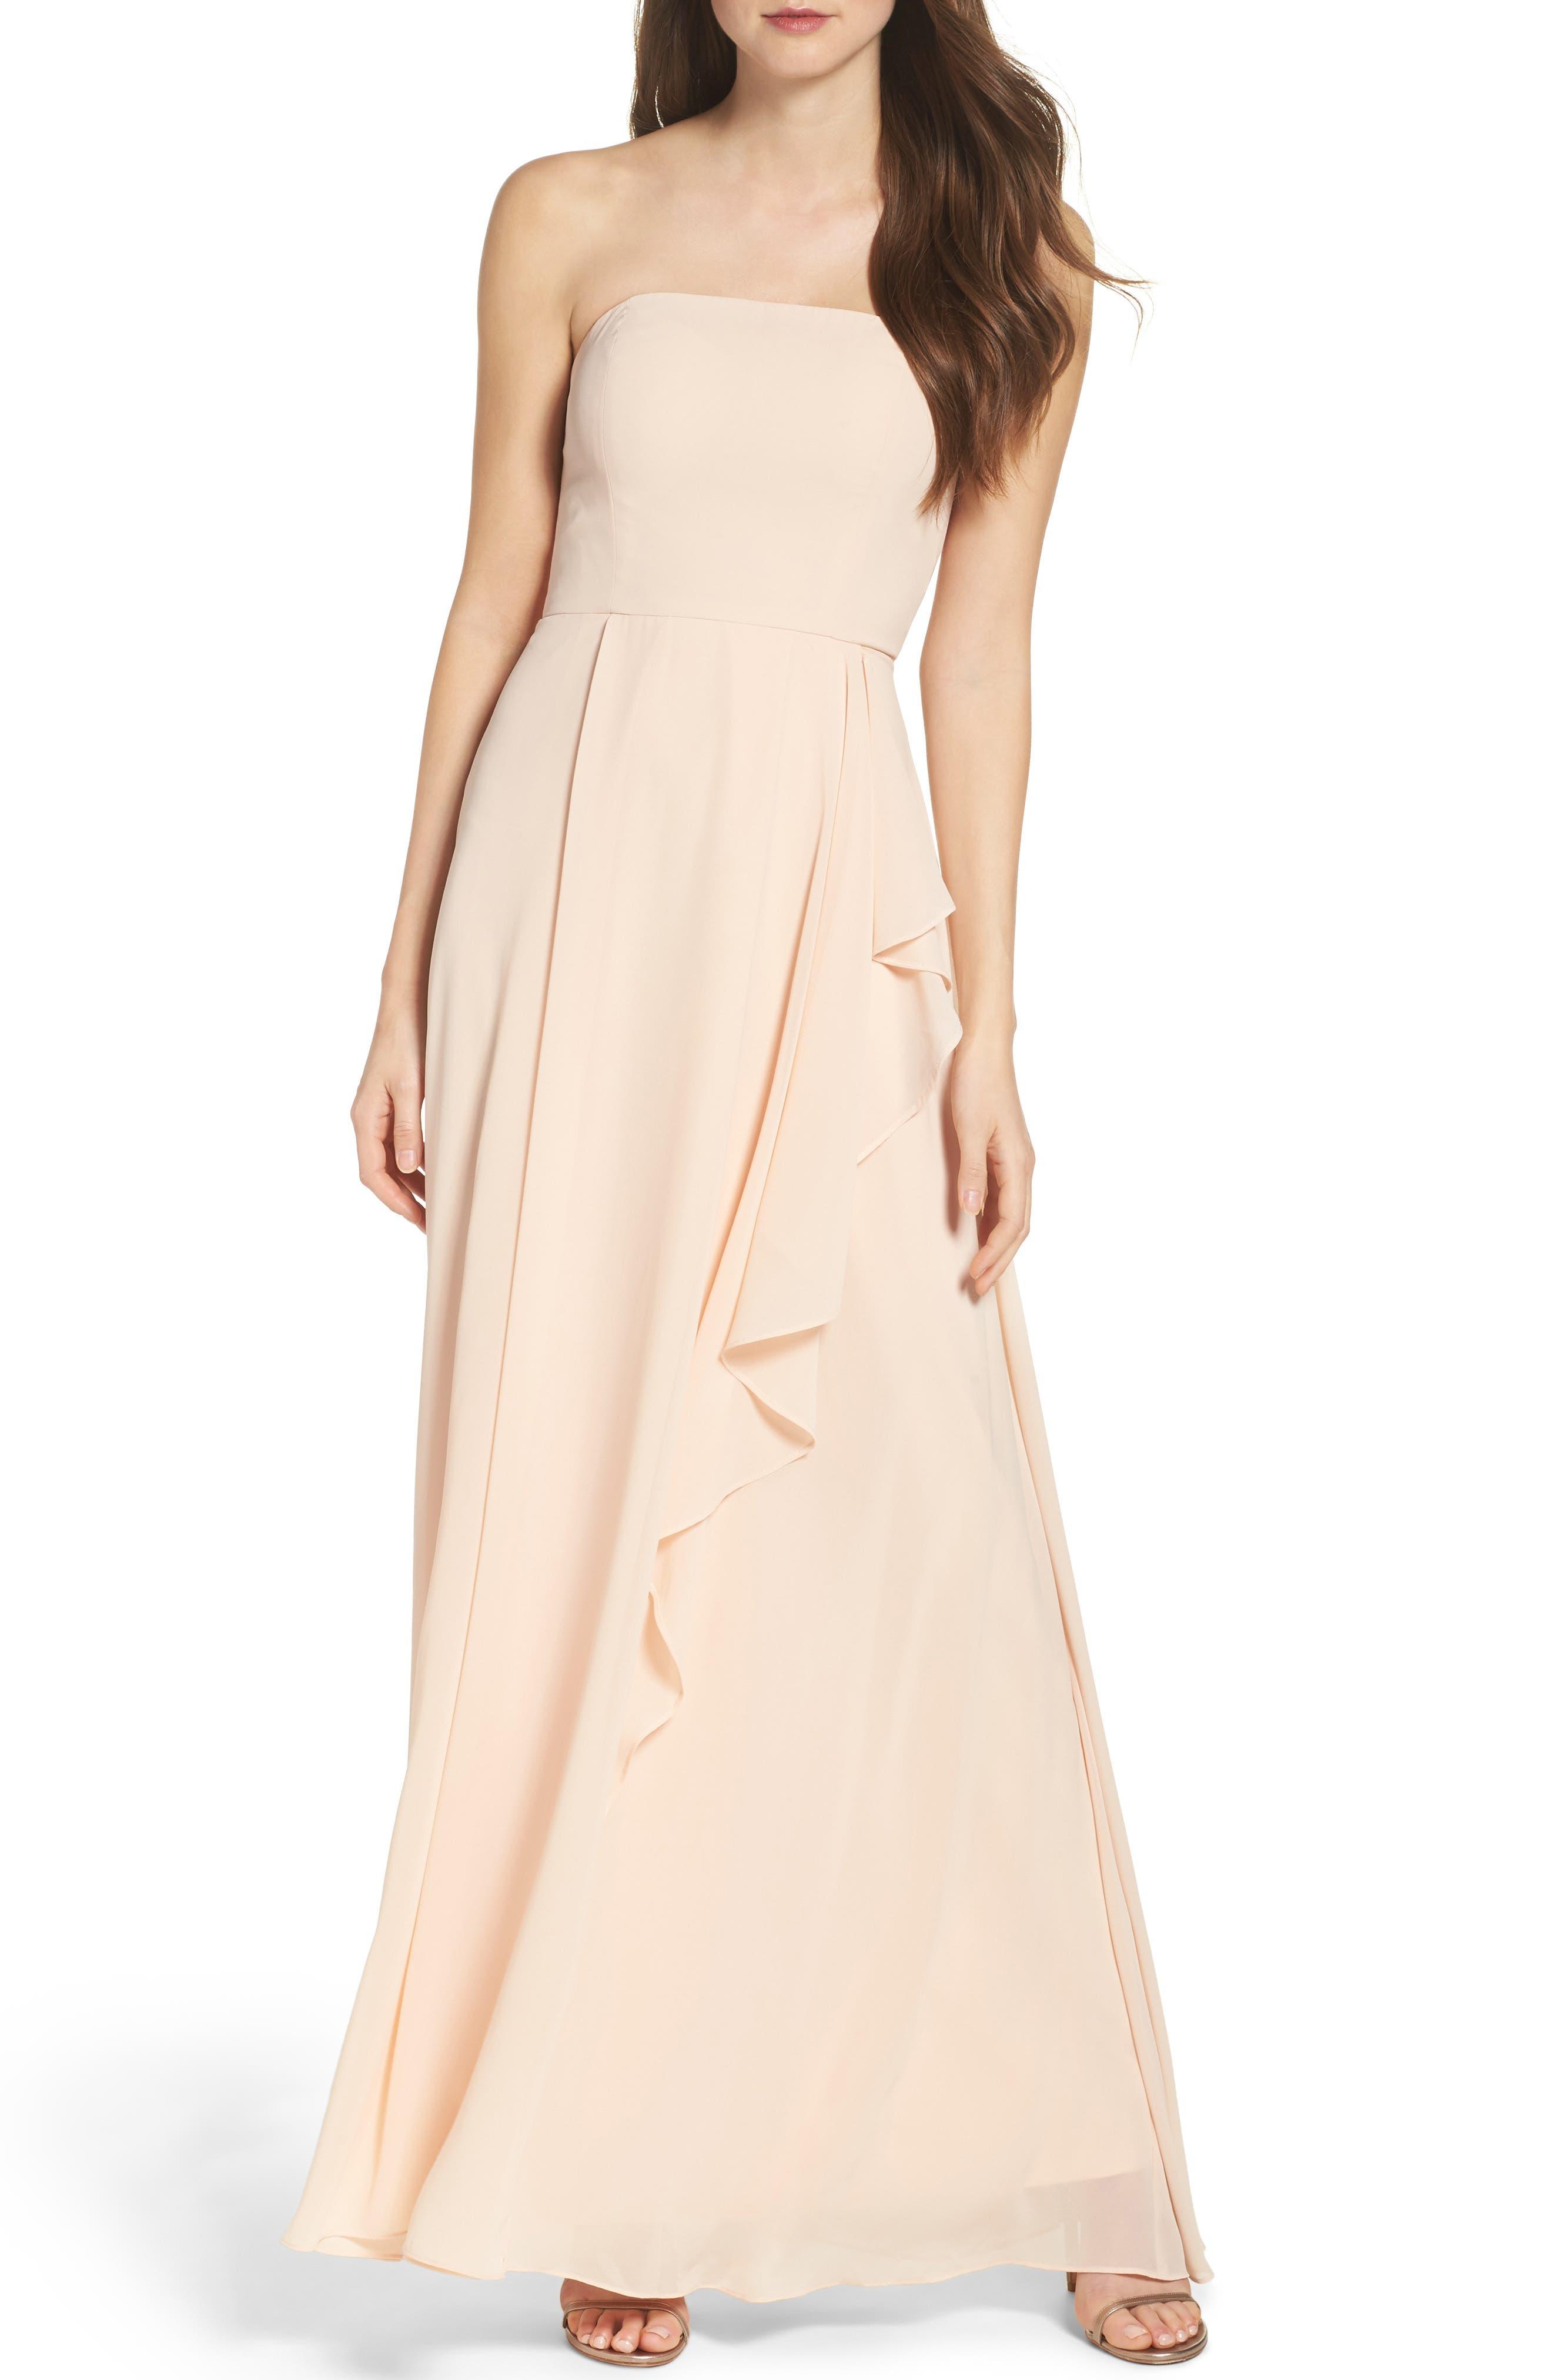 Main Image - Lulus Chiffon Strapless Maxi Dress